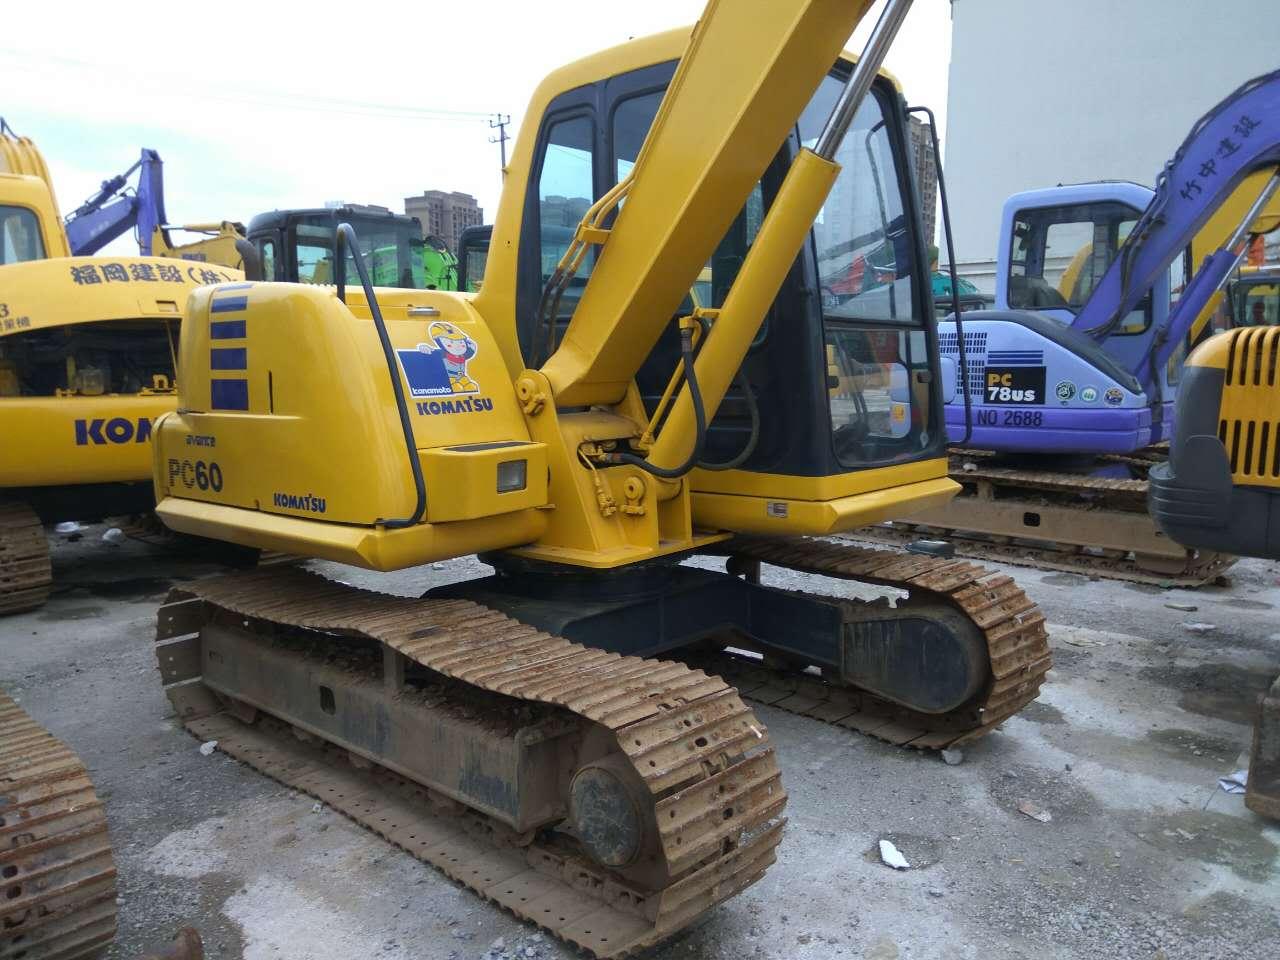 12万出售小松60挖掘机 整车原装 二手挖掘机市场 二手挖掘机价格